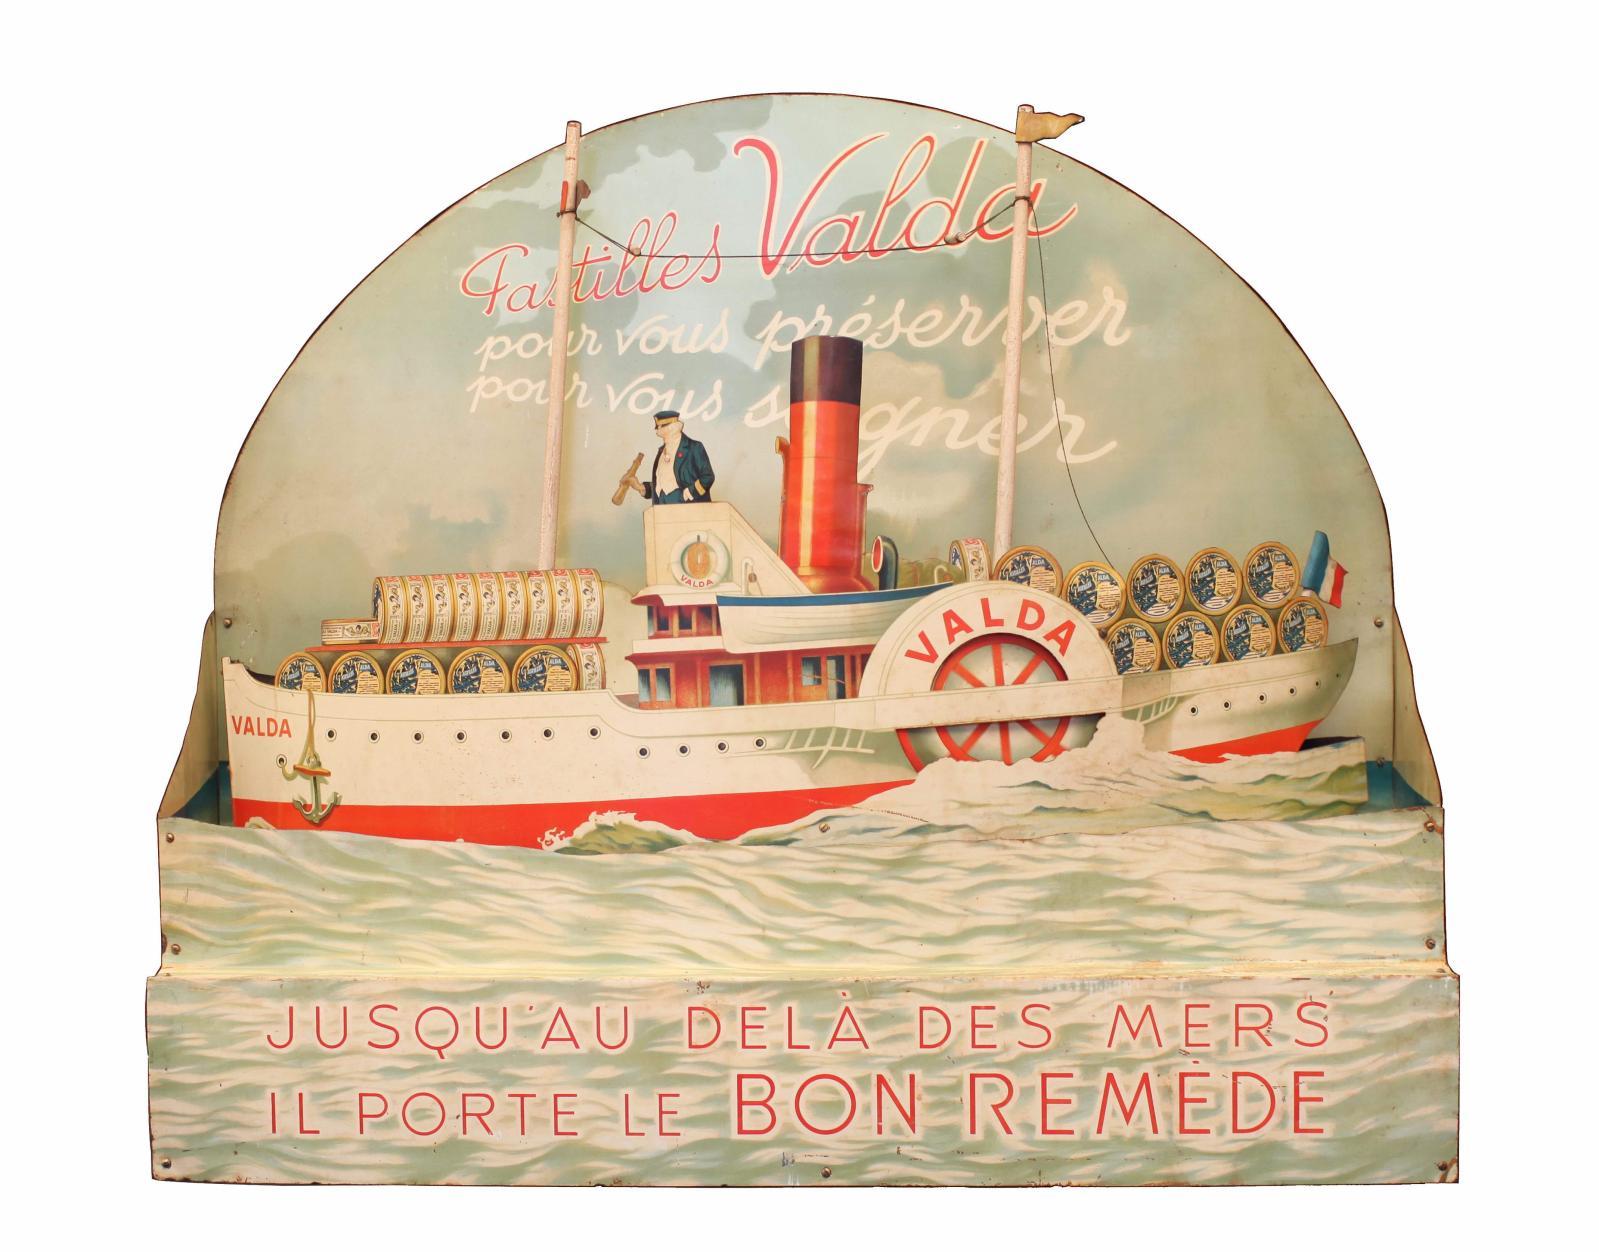 PASTILLES VALDA, Pour vous préserver, pour vous soigner, jusqu'au delà des mers, il porte le bon remède. Scène du bateau à roue.Automate C